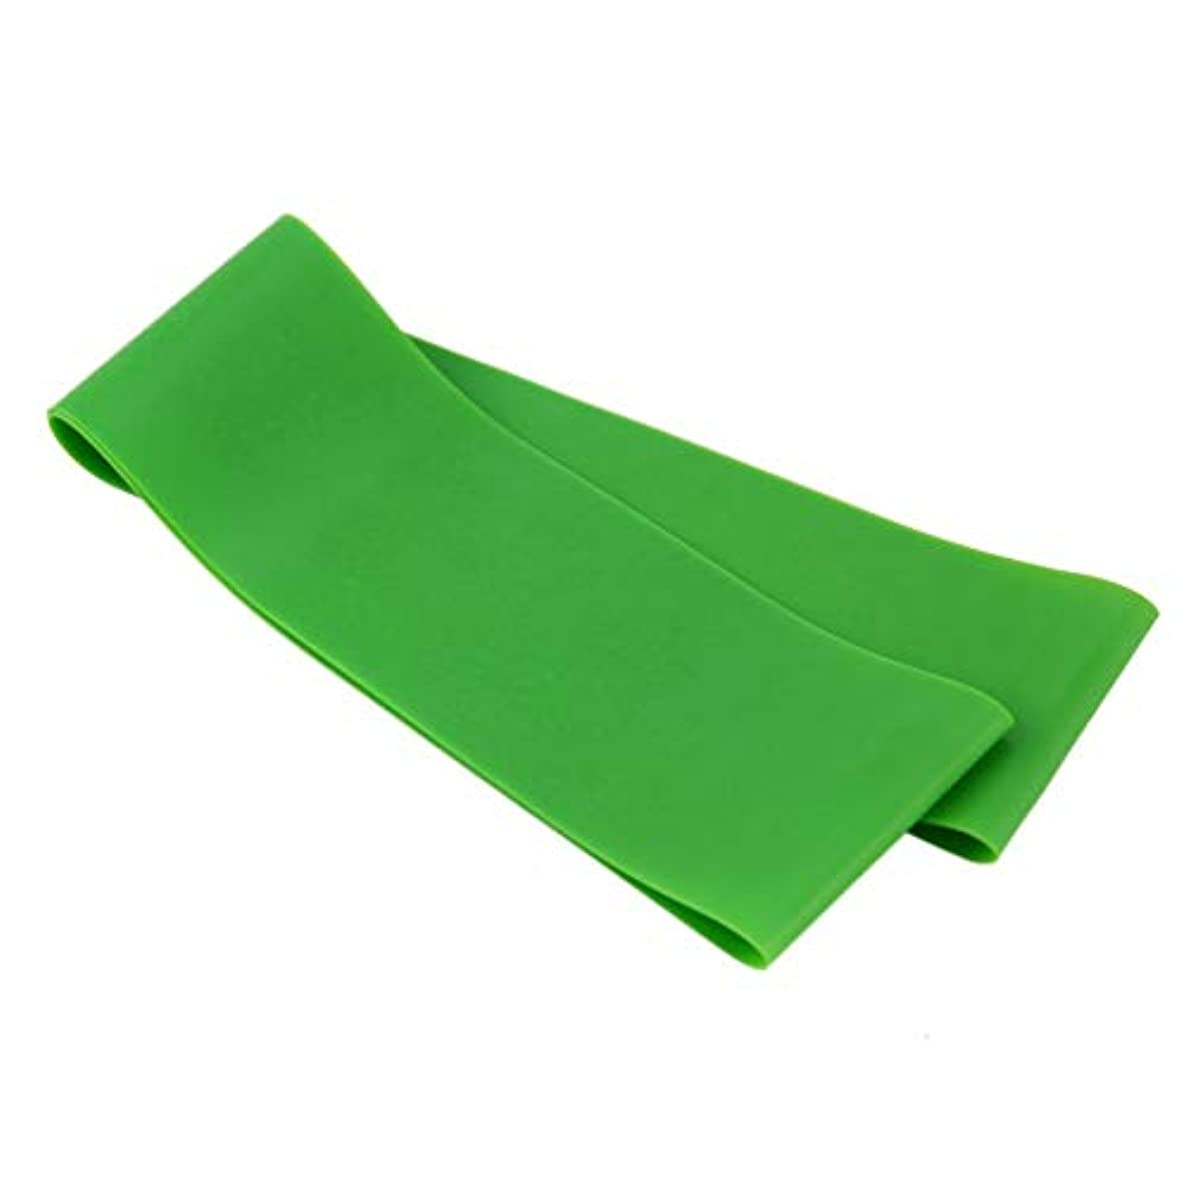 立証する忠実請求滑り止め伸縮性ゴム弾性ヨガベルトバンドプルロープ張力抵抗バンドループ強度のためのフィットネスヨガツール - グリーン